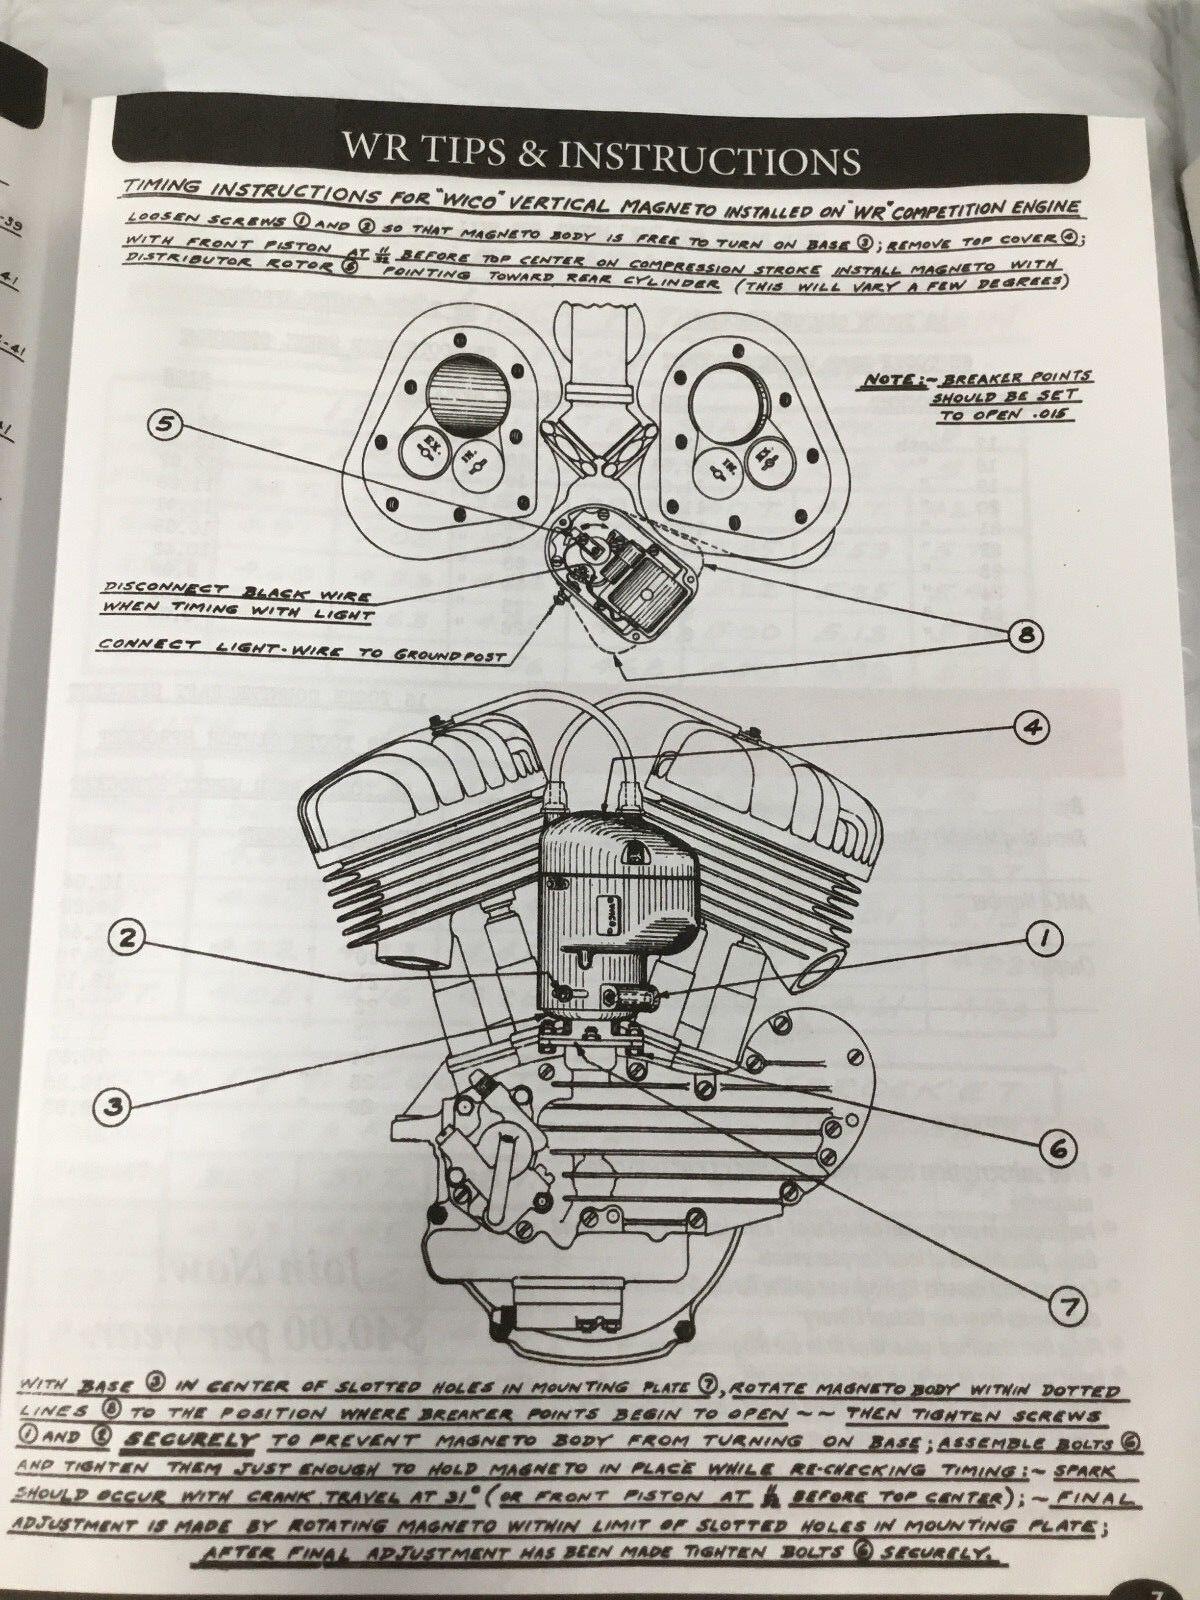 ... Harley WL WR Servicar Service, Parts, & Tuning Manual 1937Up ...